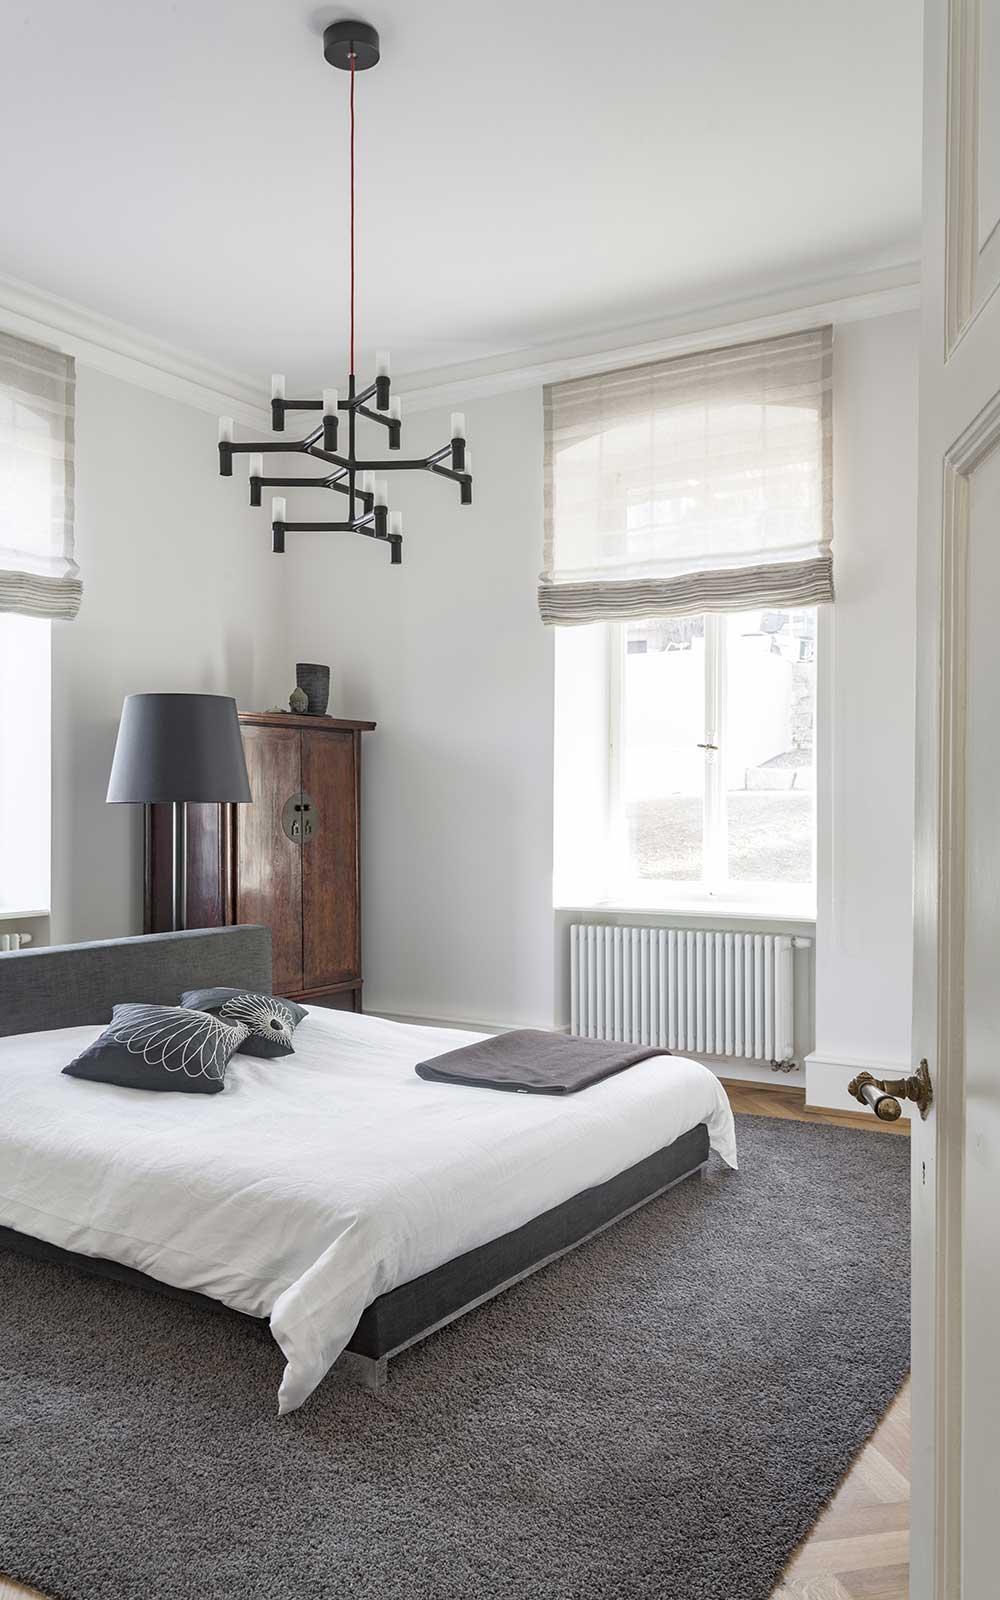 Neubau von Doppelhaushälften in der Weststadt, Kochhan und Weckbach Architekten Heidelberg